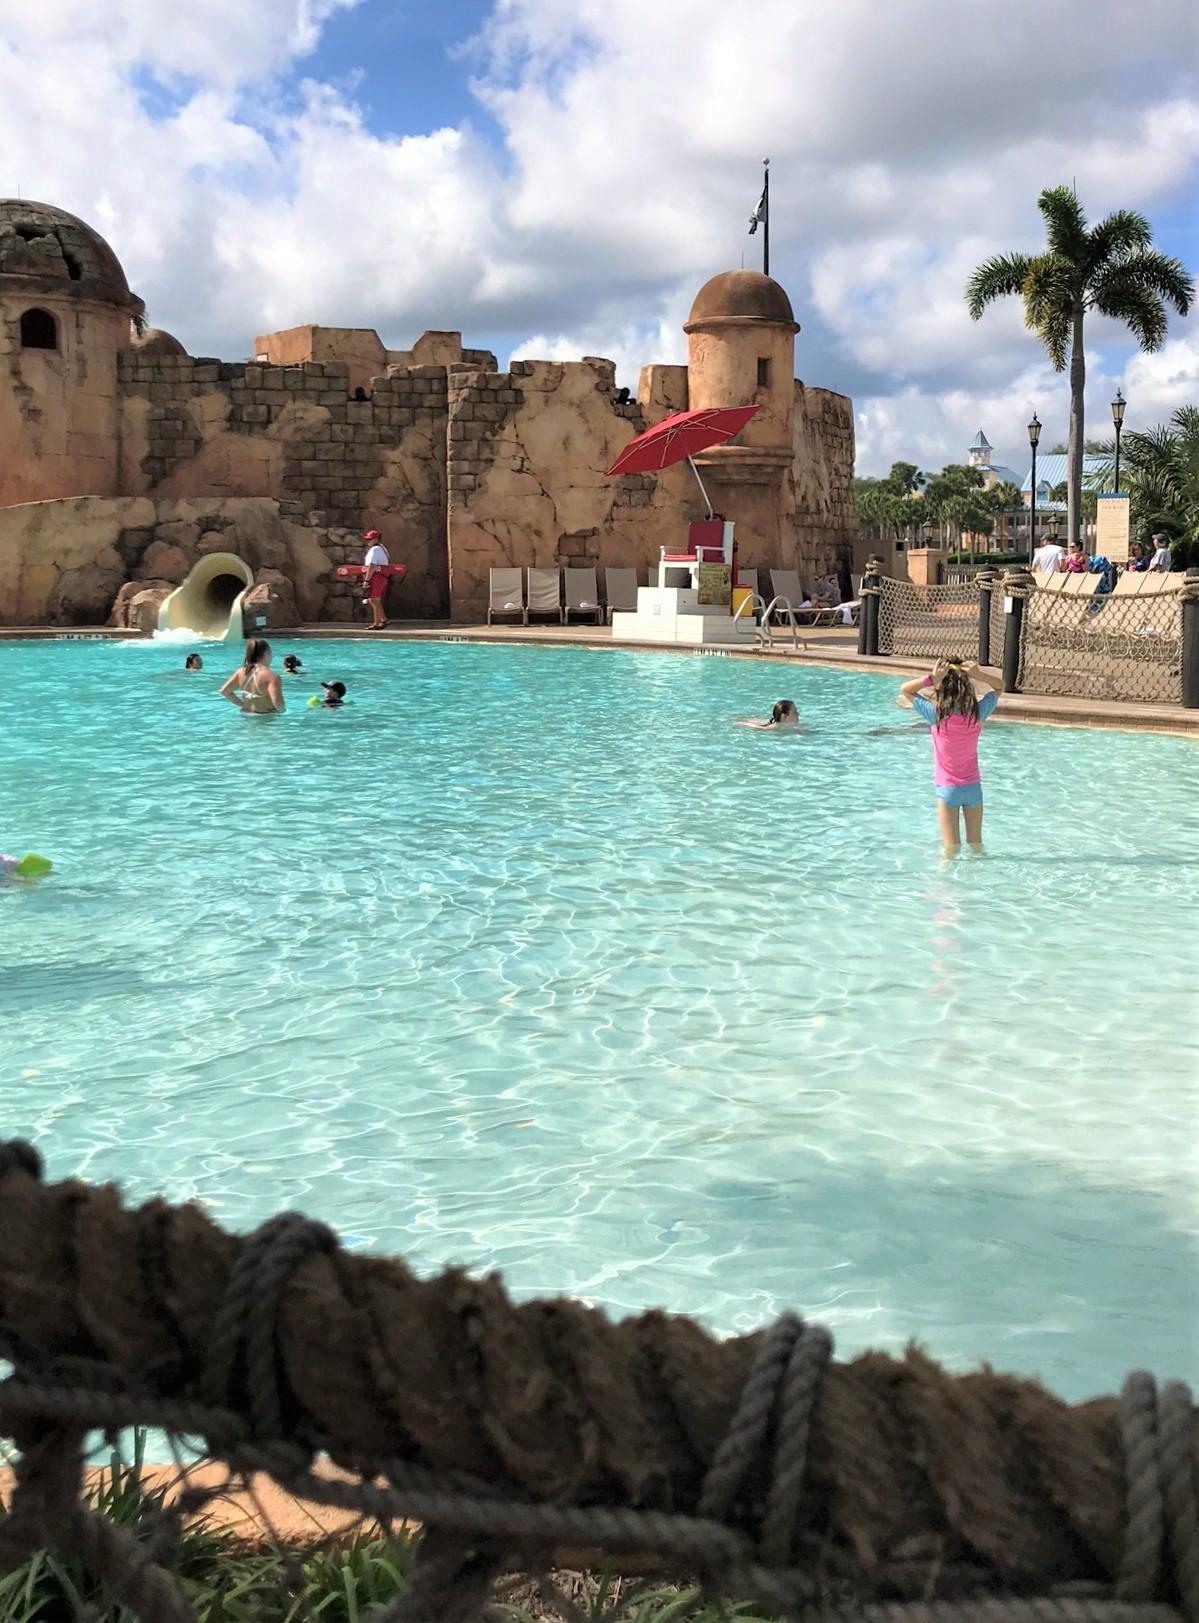 pool at Disney's Caribbean beach resort